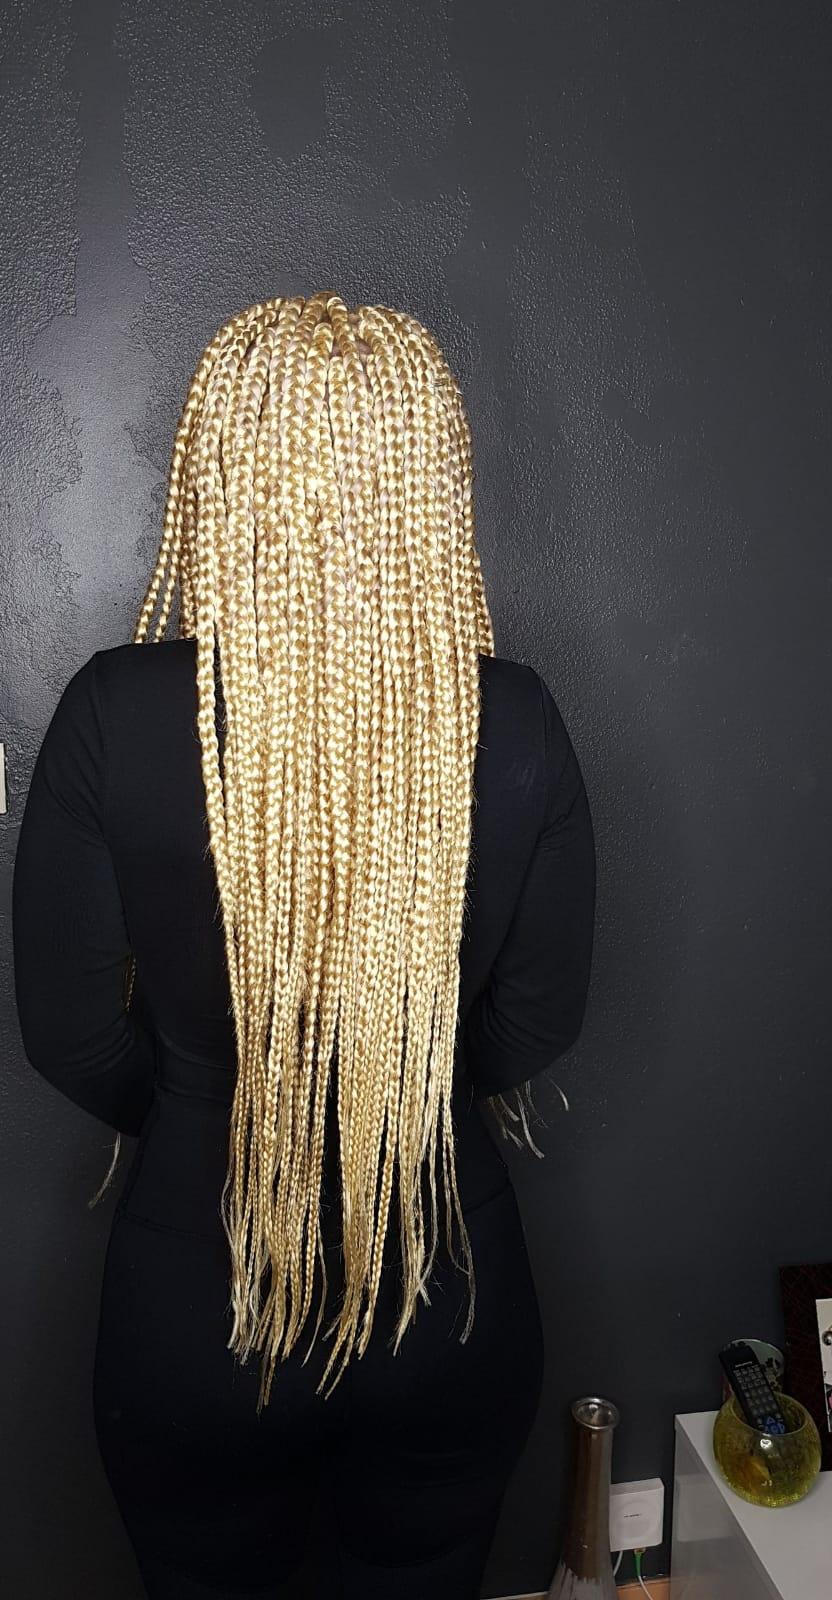 salon de coiffure afro tresse tresses box braids crochet braids vanilles tissages paris 75 77 78 91 92 93 94 95 FYWWRHOF